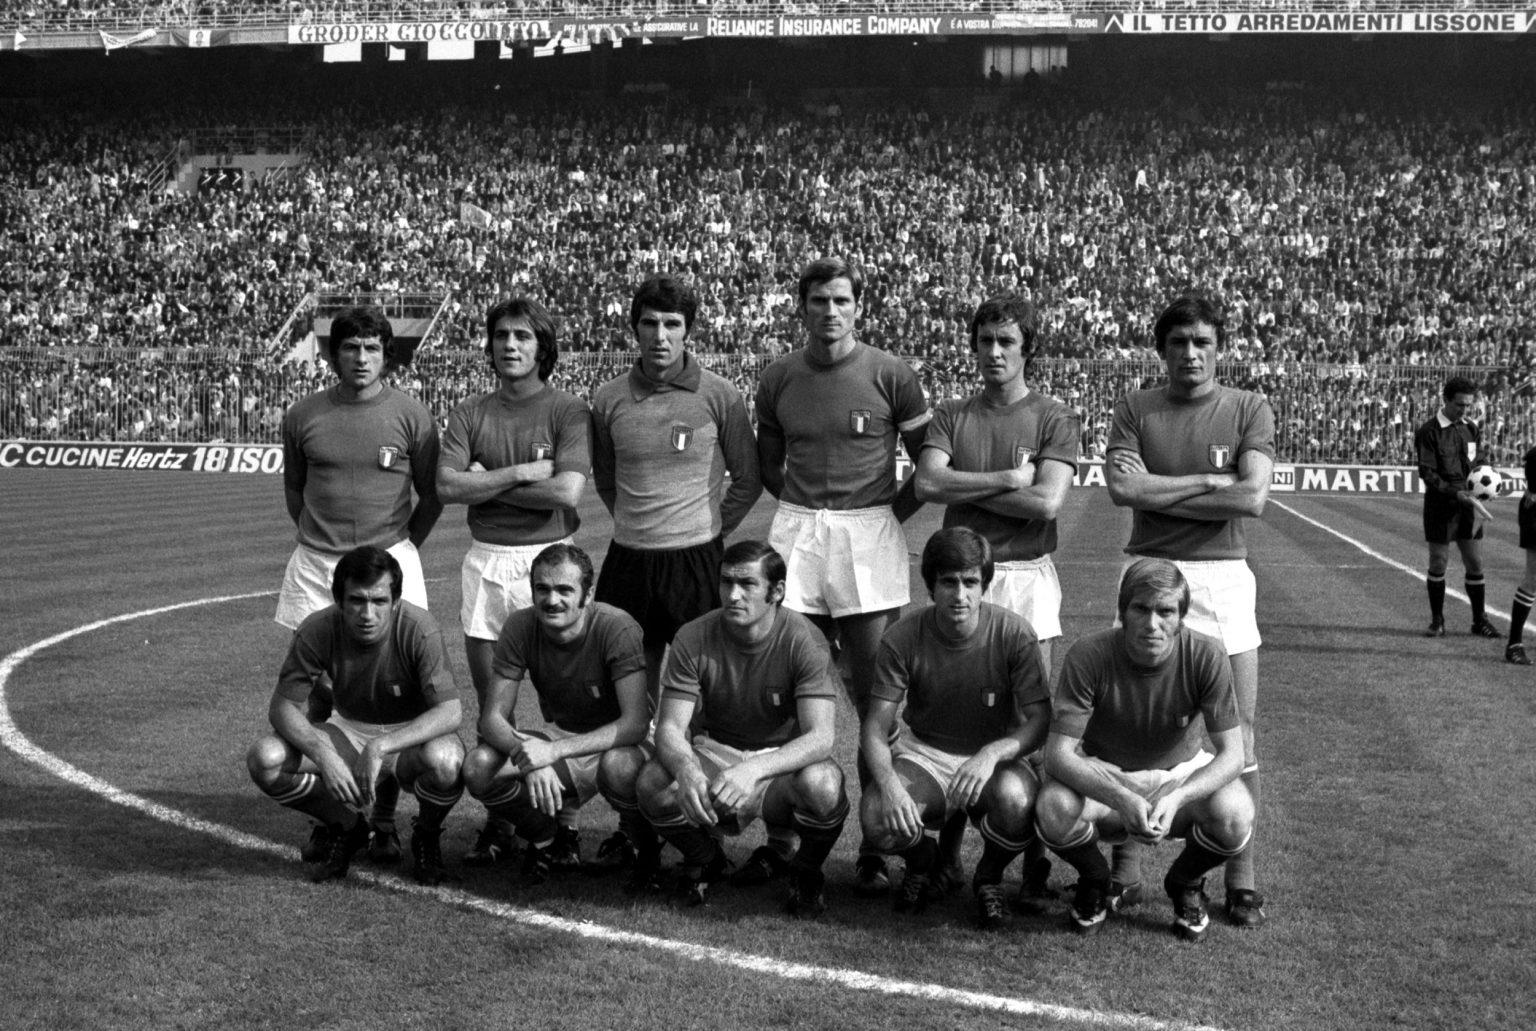 italian-national-team-nazionale-di-calcio